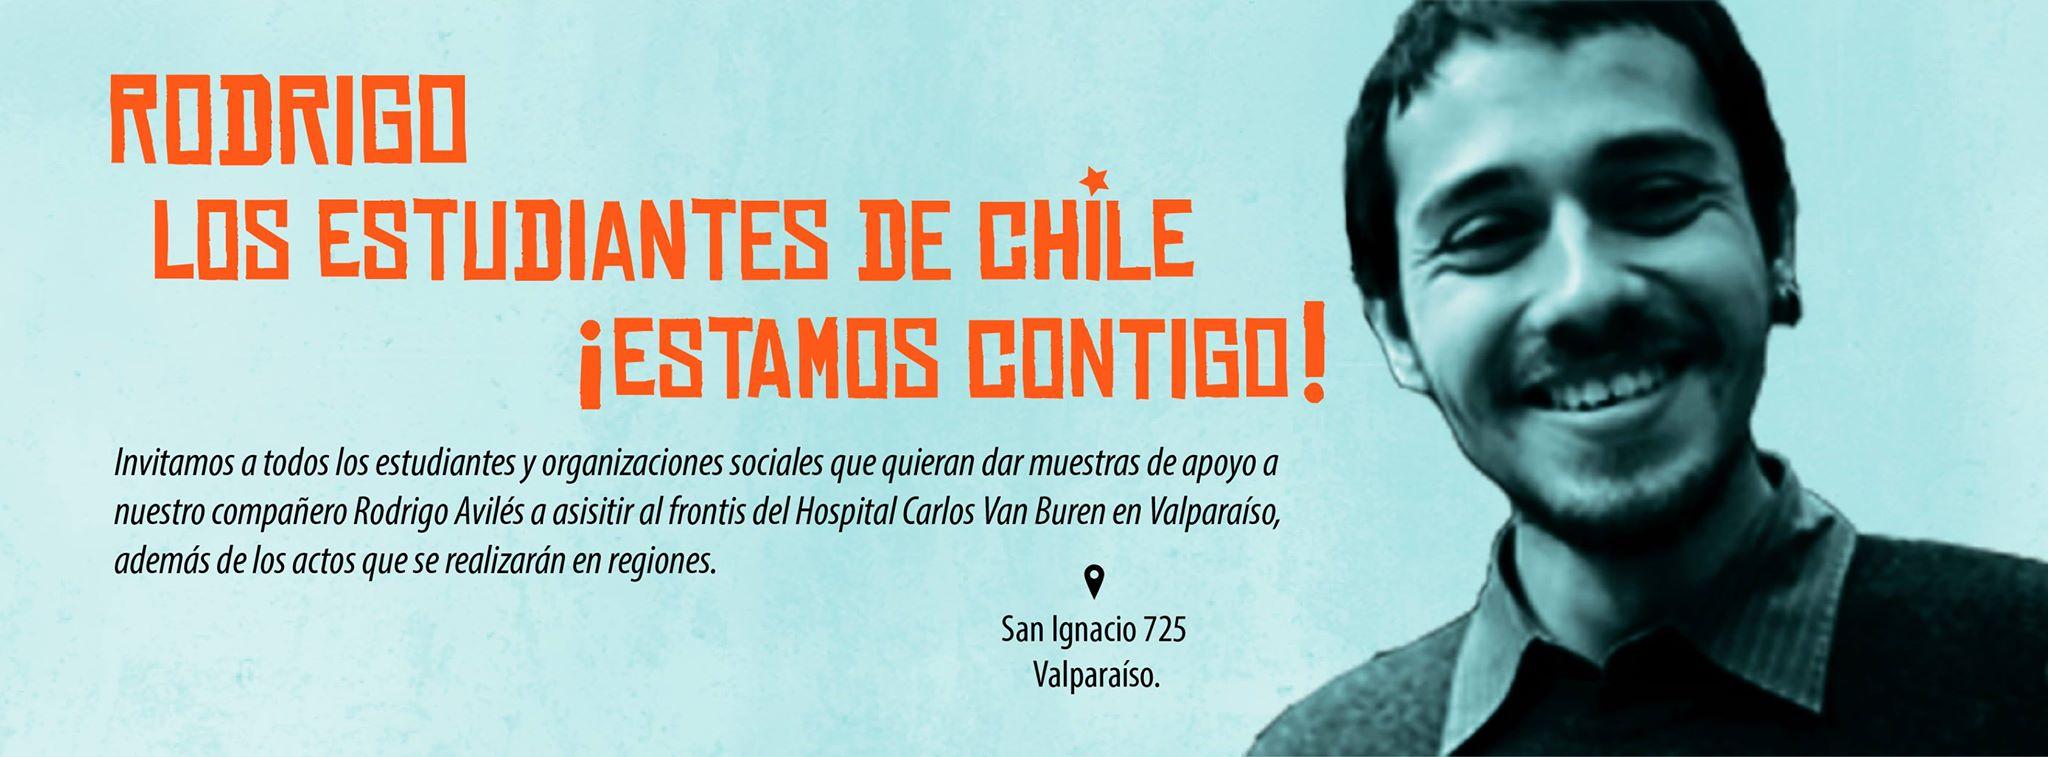 Rodrigo Avilés despertó consciente y fuera de riesgo vital